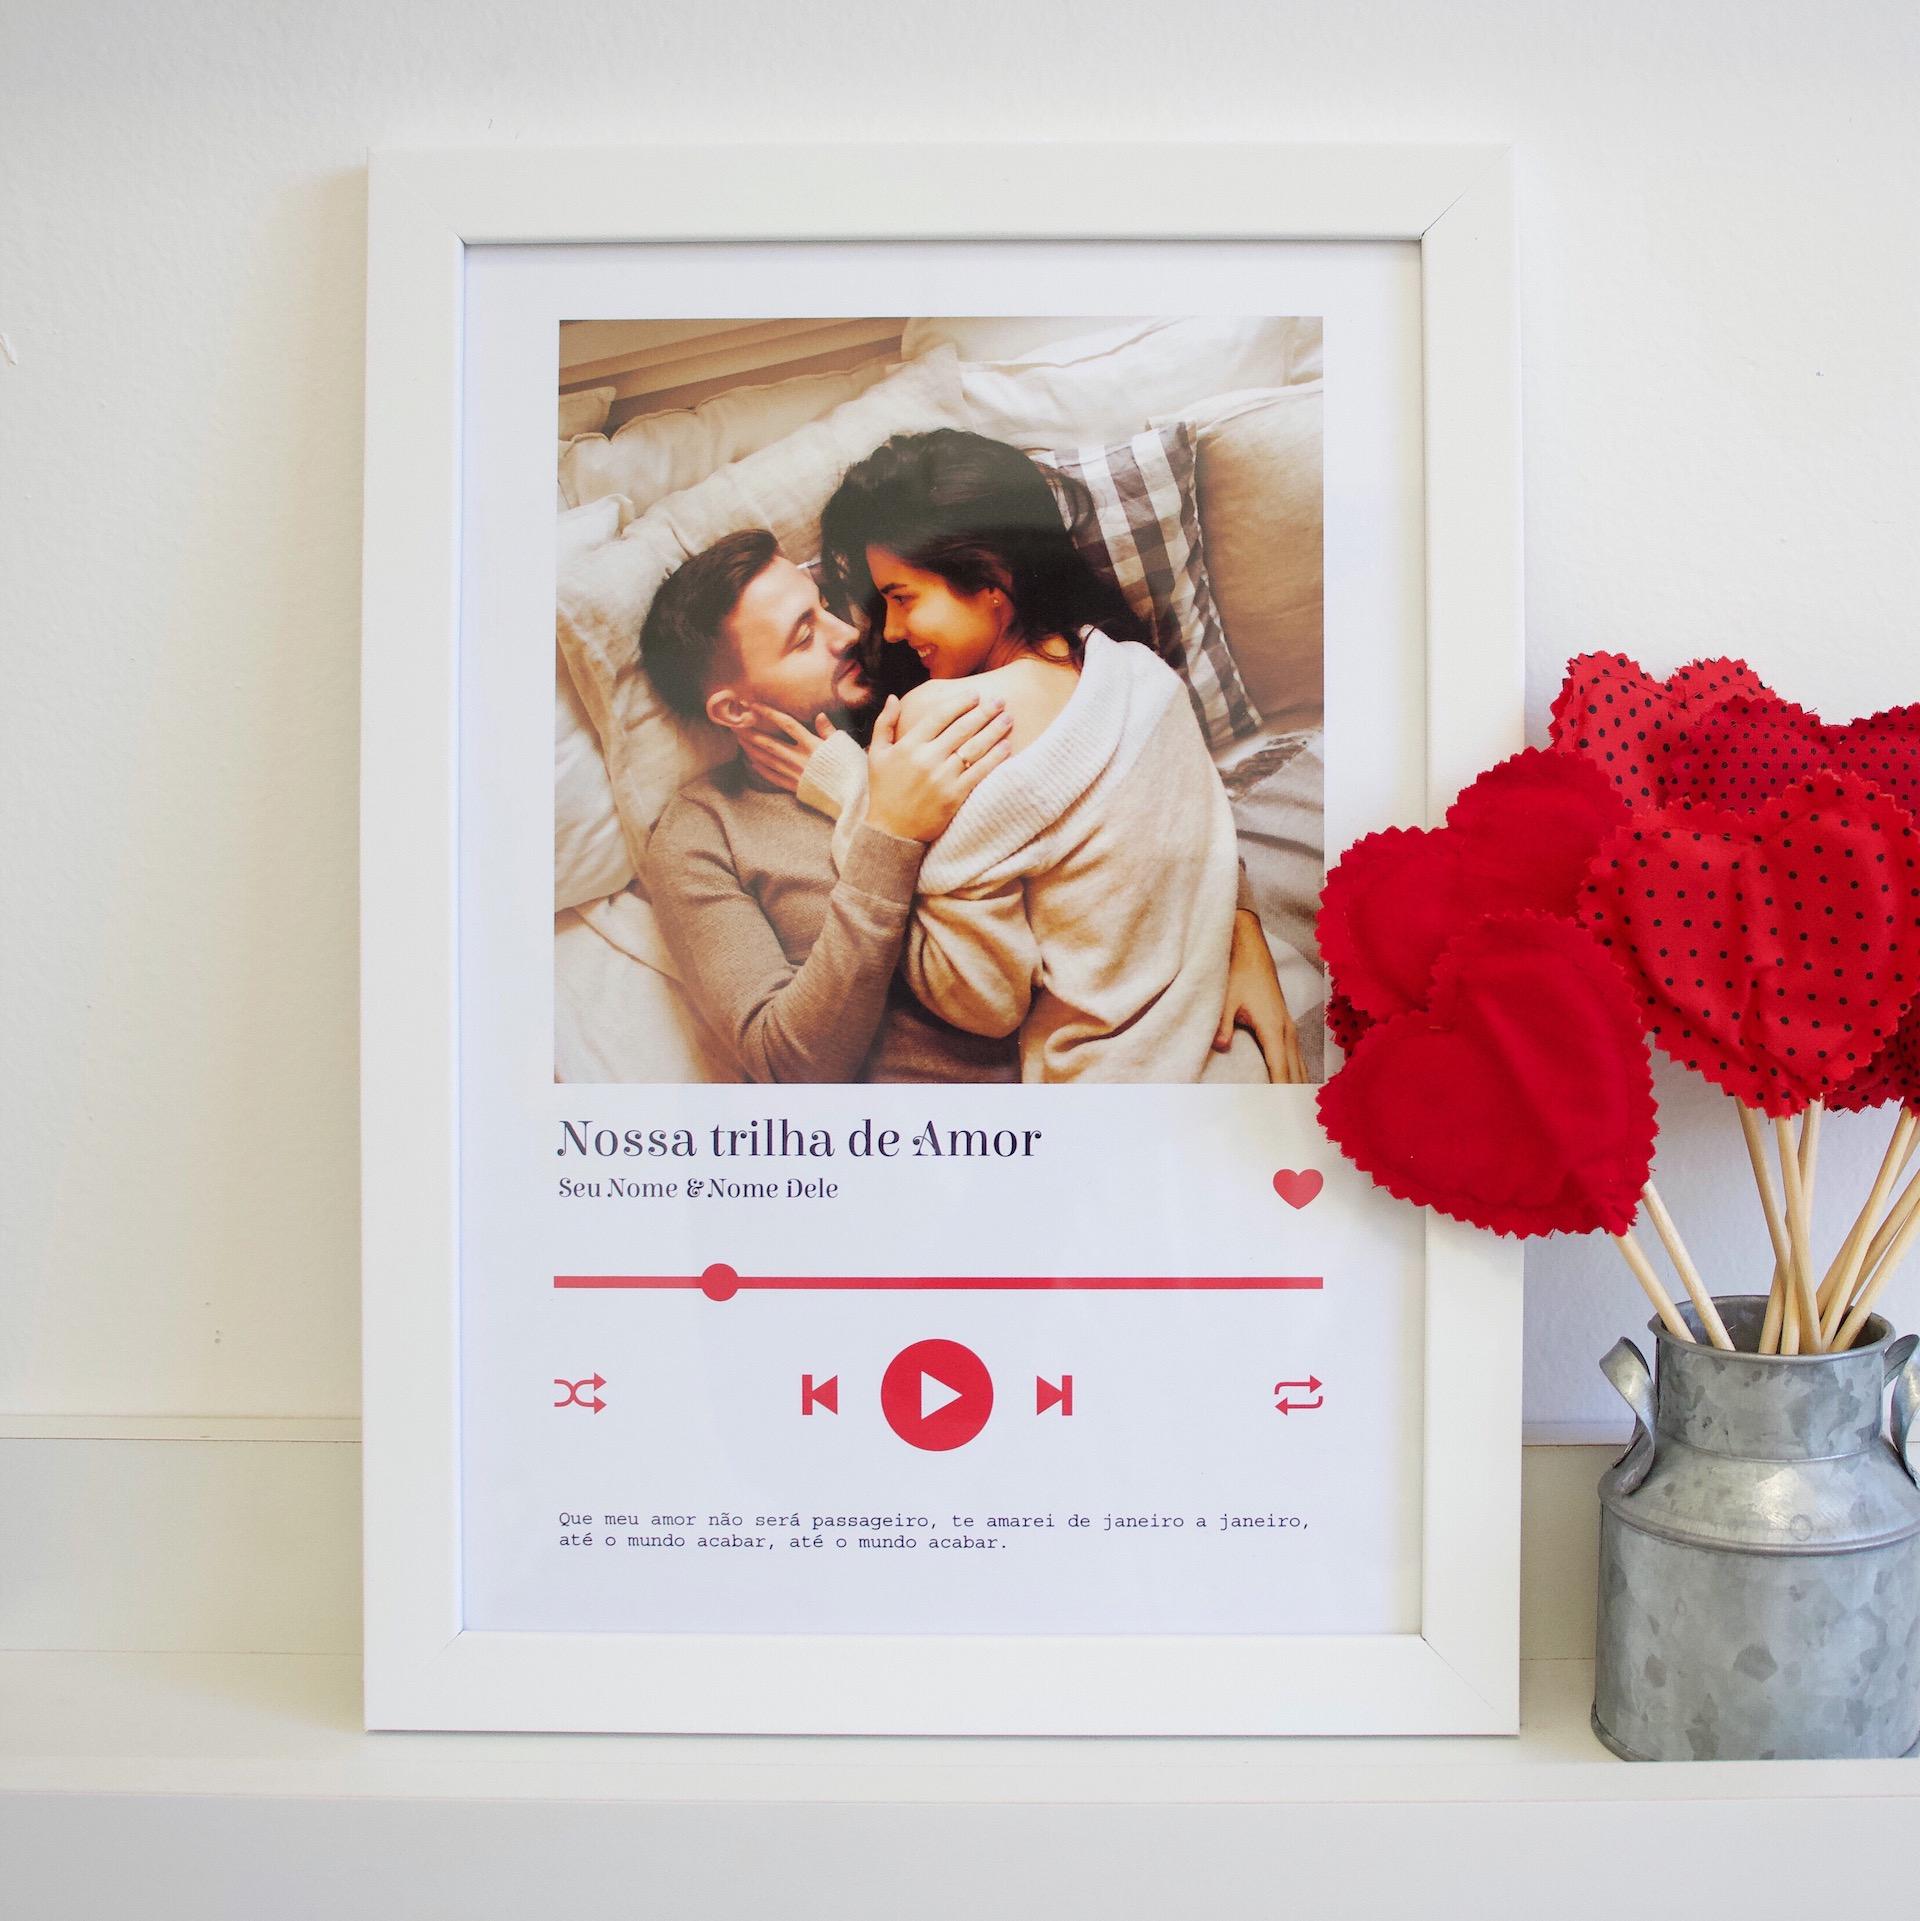 quadro/pôster criativo para o namorado - nossa trilha de amor